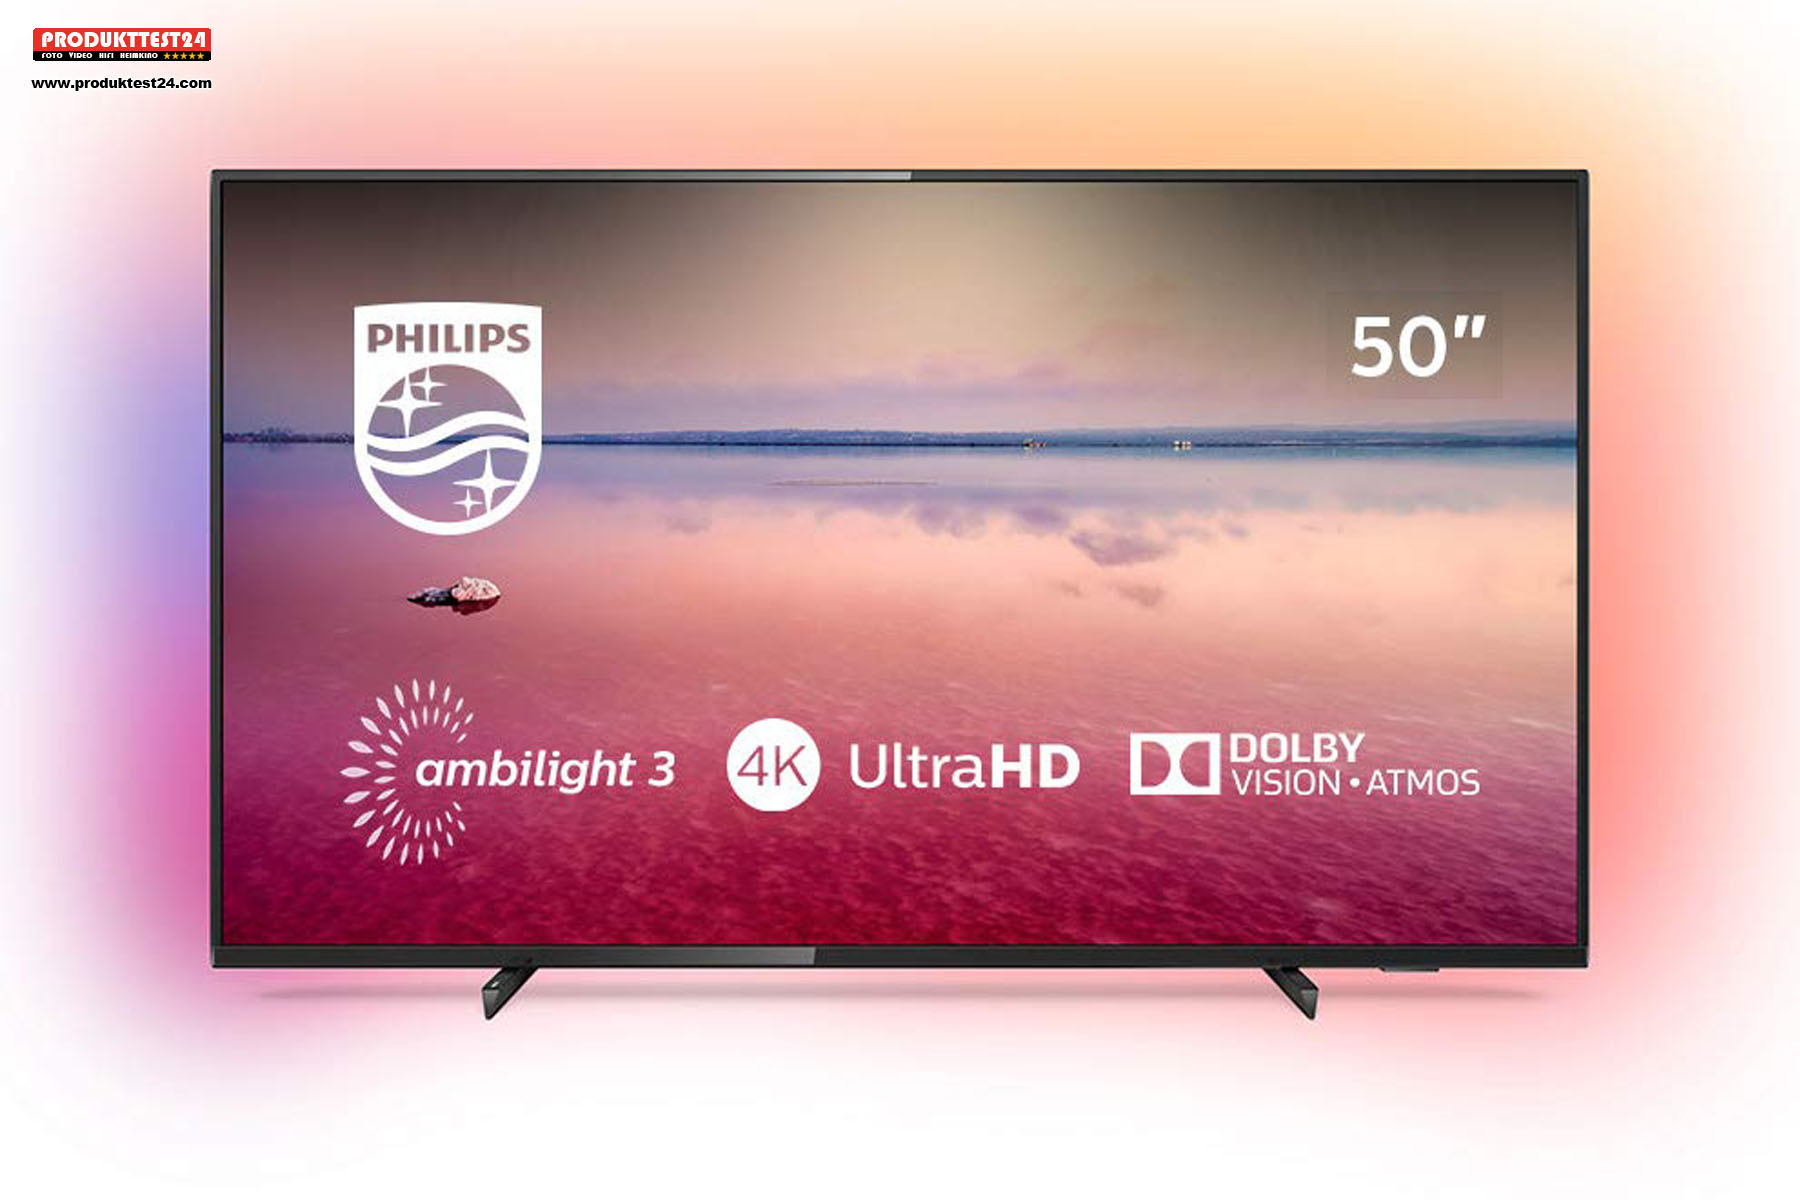 Der Philips 50PUS6704/12 Ultra HD Fernseher